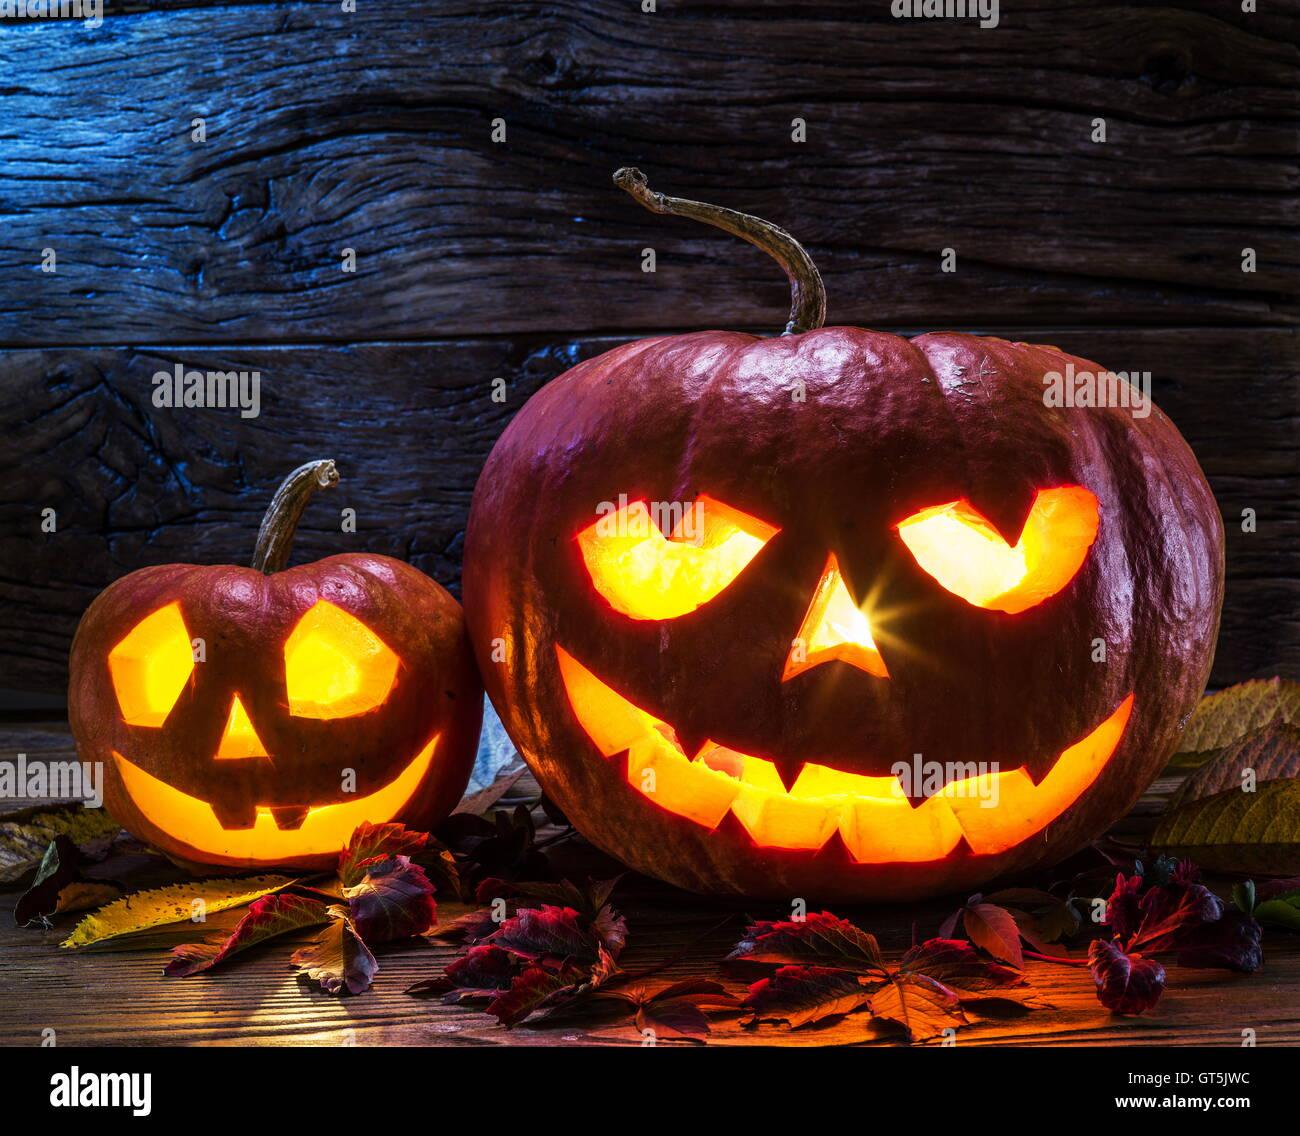 Lanterne citrouille souriant ou jack-o'-lantern est l'un des symboles de l'Halloween. Attribut d'Halloween. Photo Stock